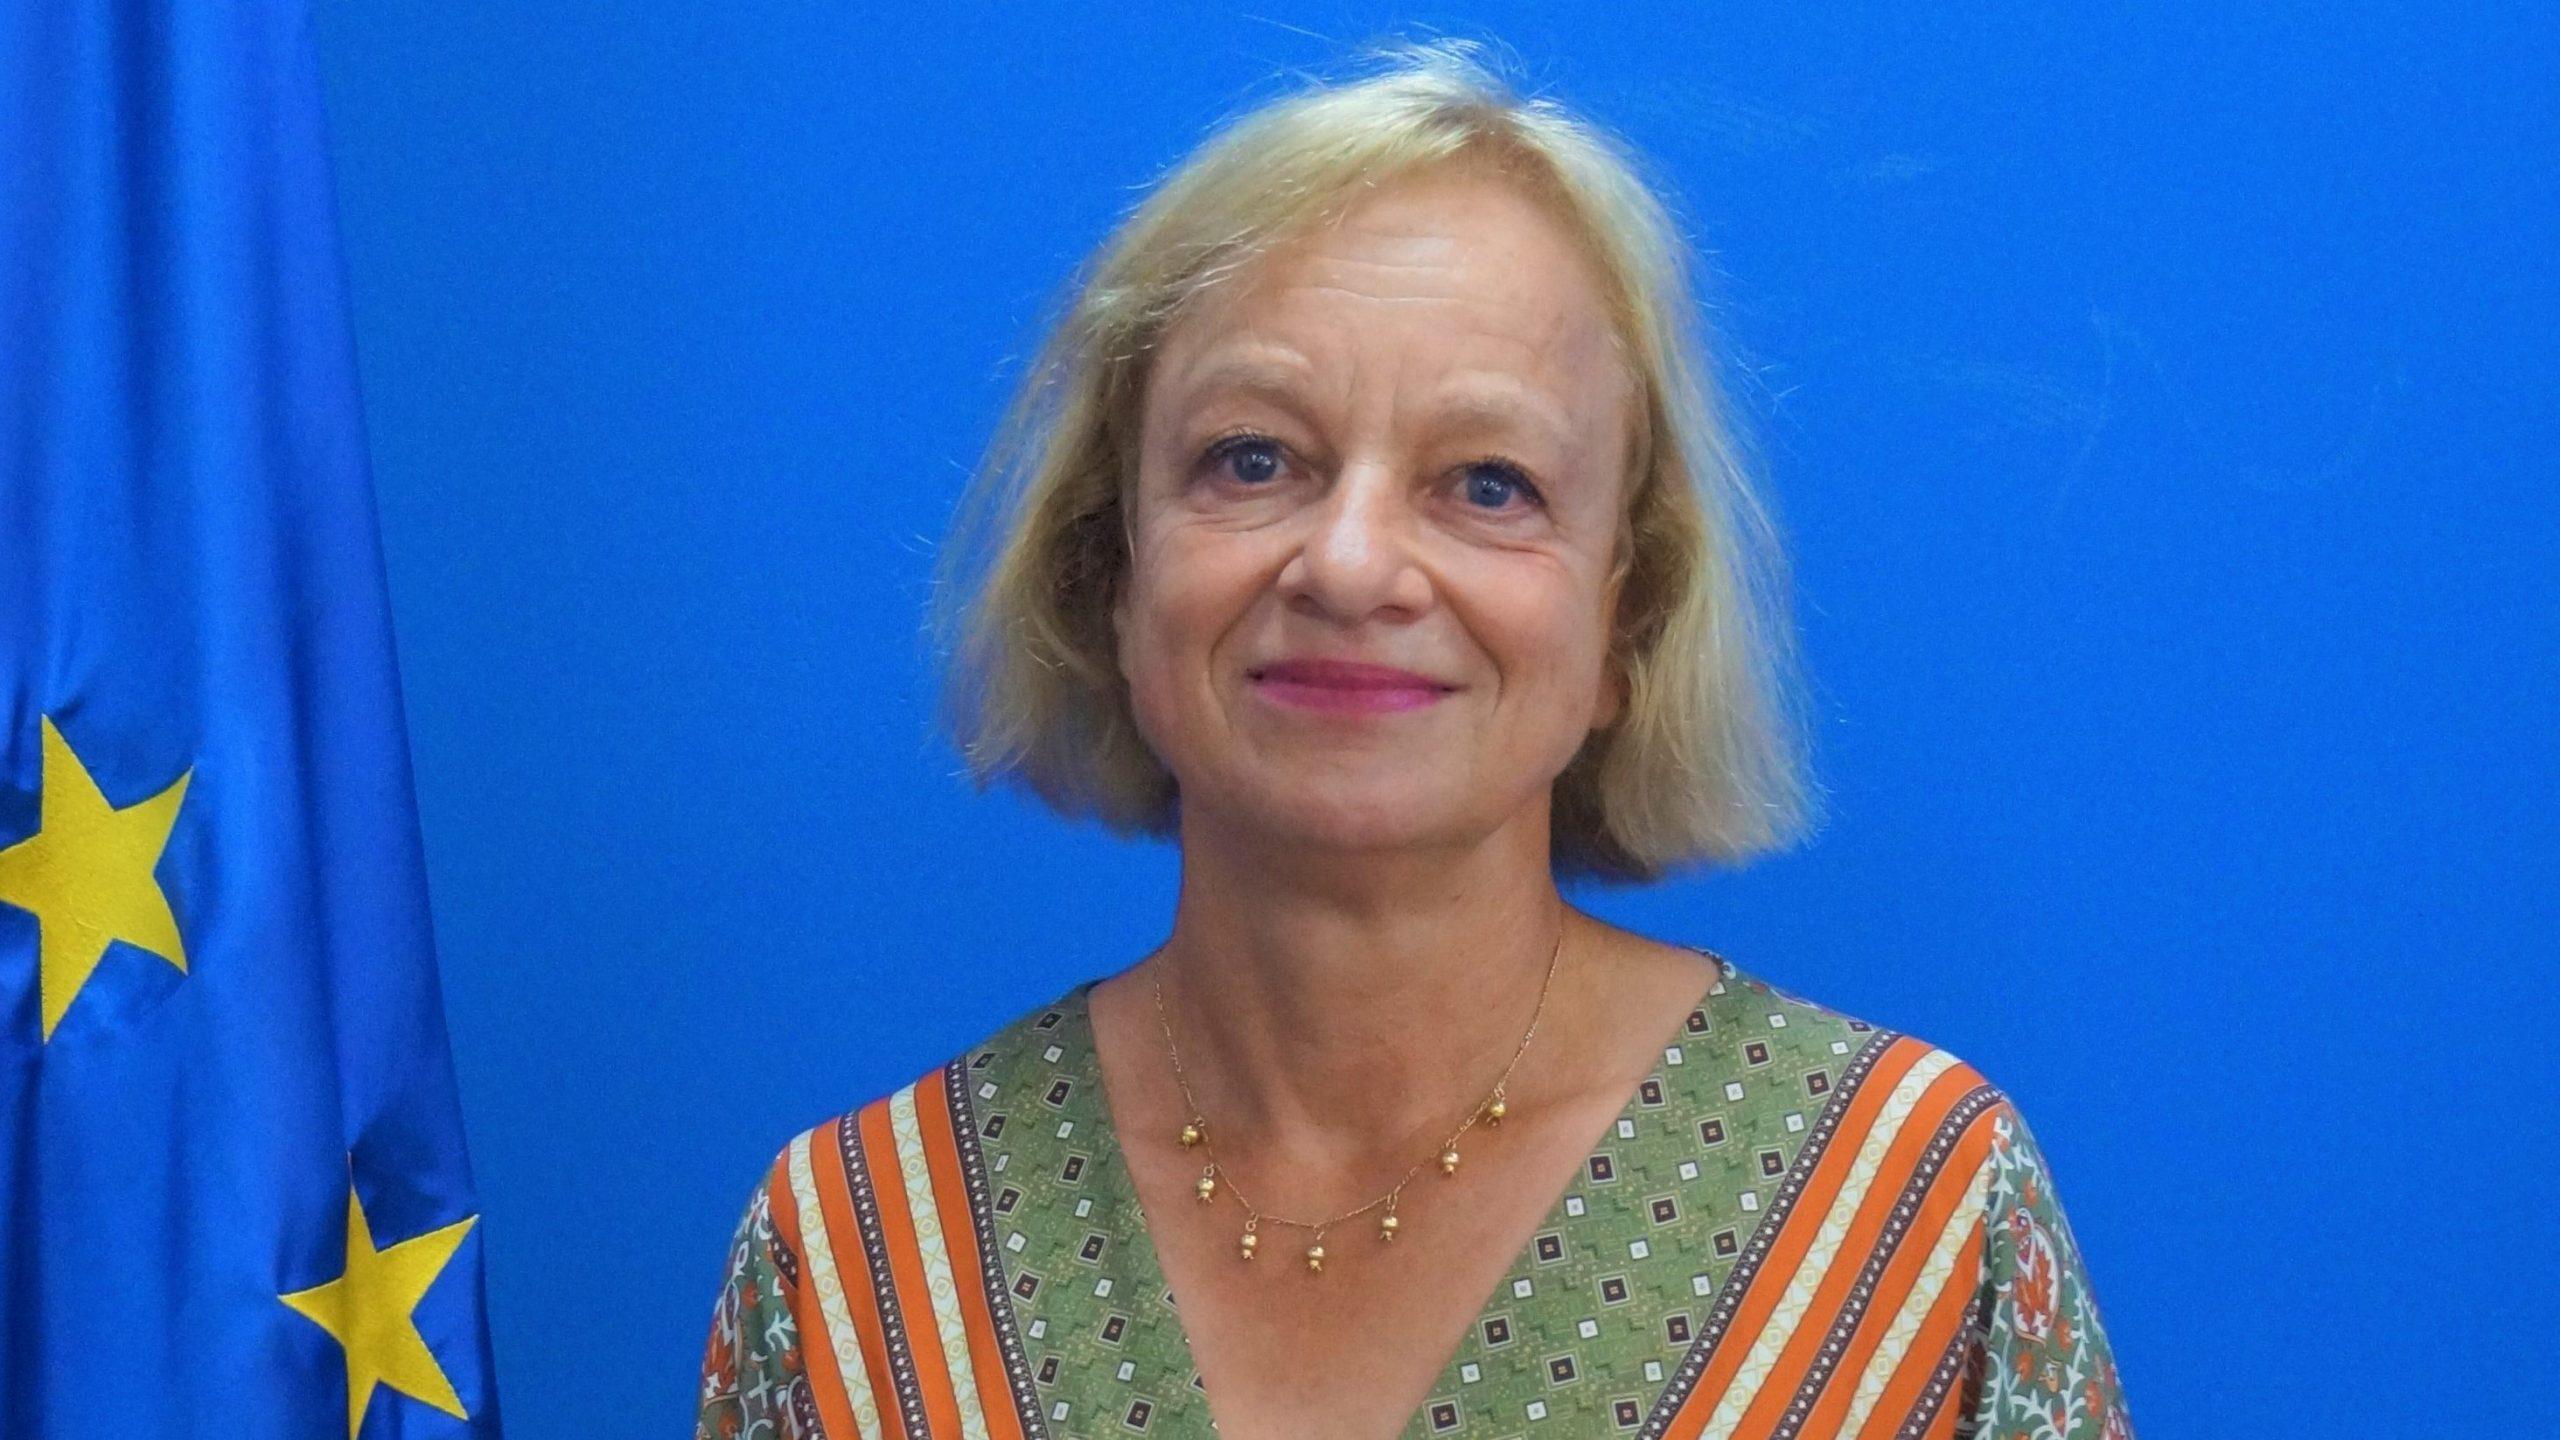 La alemana Bettina Muscheidt es la nueva embajadora de la UE en Nicaragua